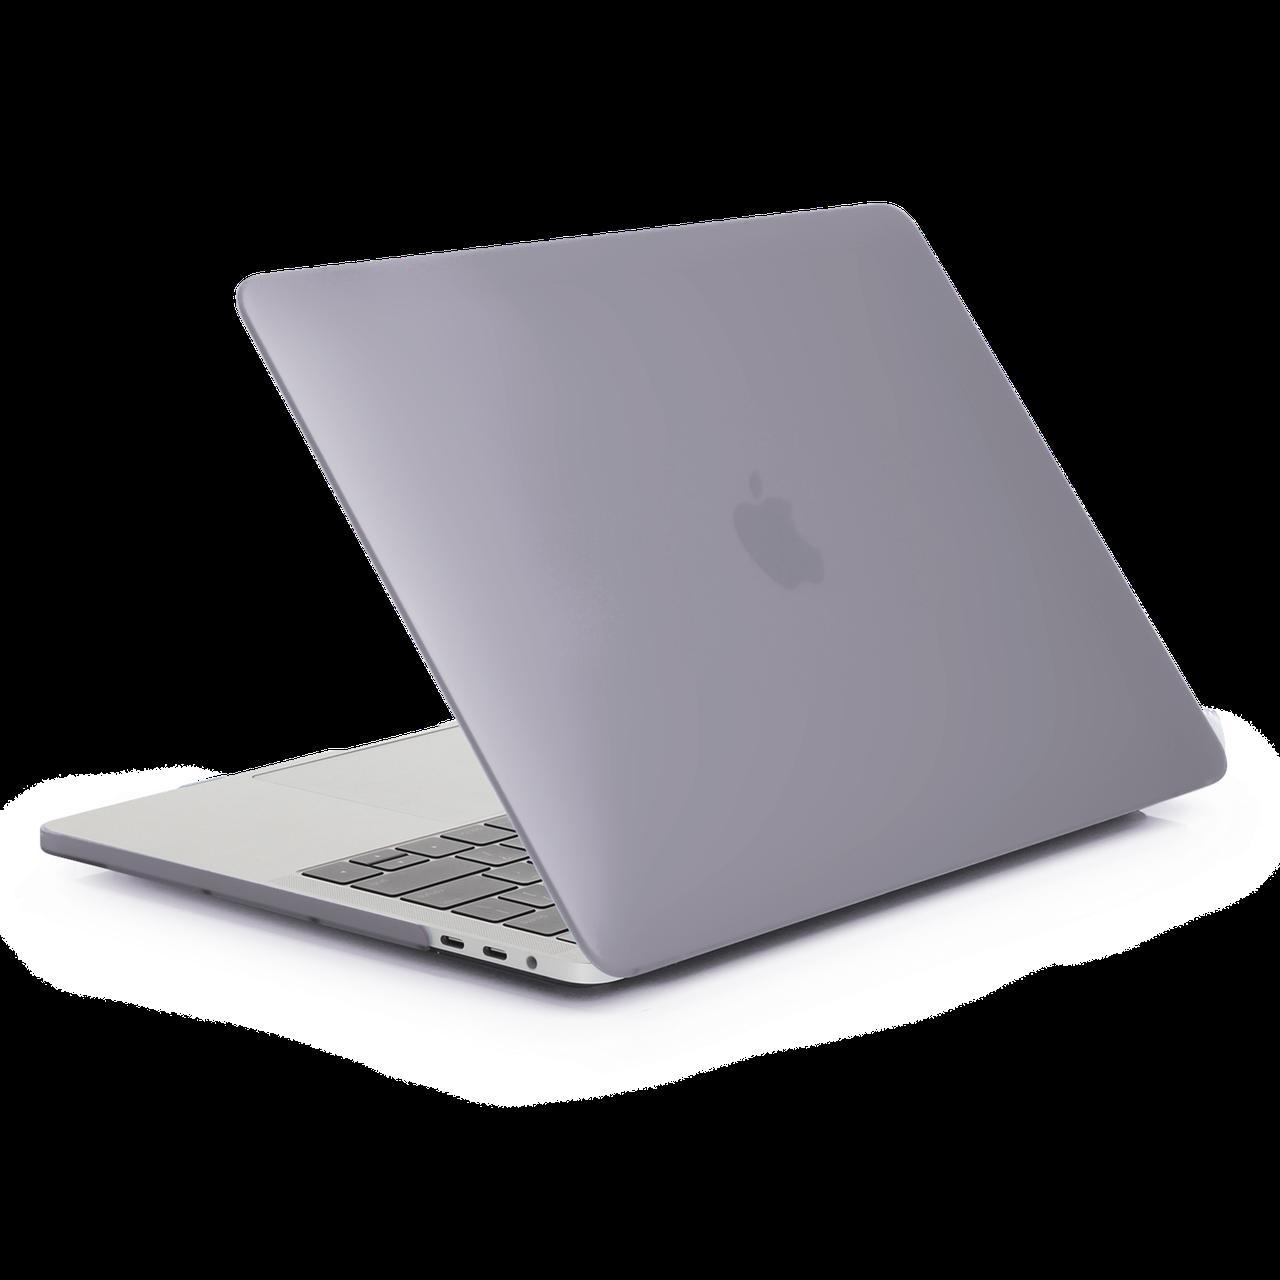 Pin By Apple Laptop Macbook On Macbook Skin Apple Laptop Macbook Iphone Macbook